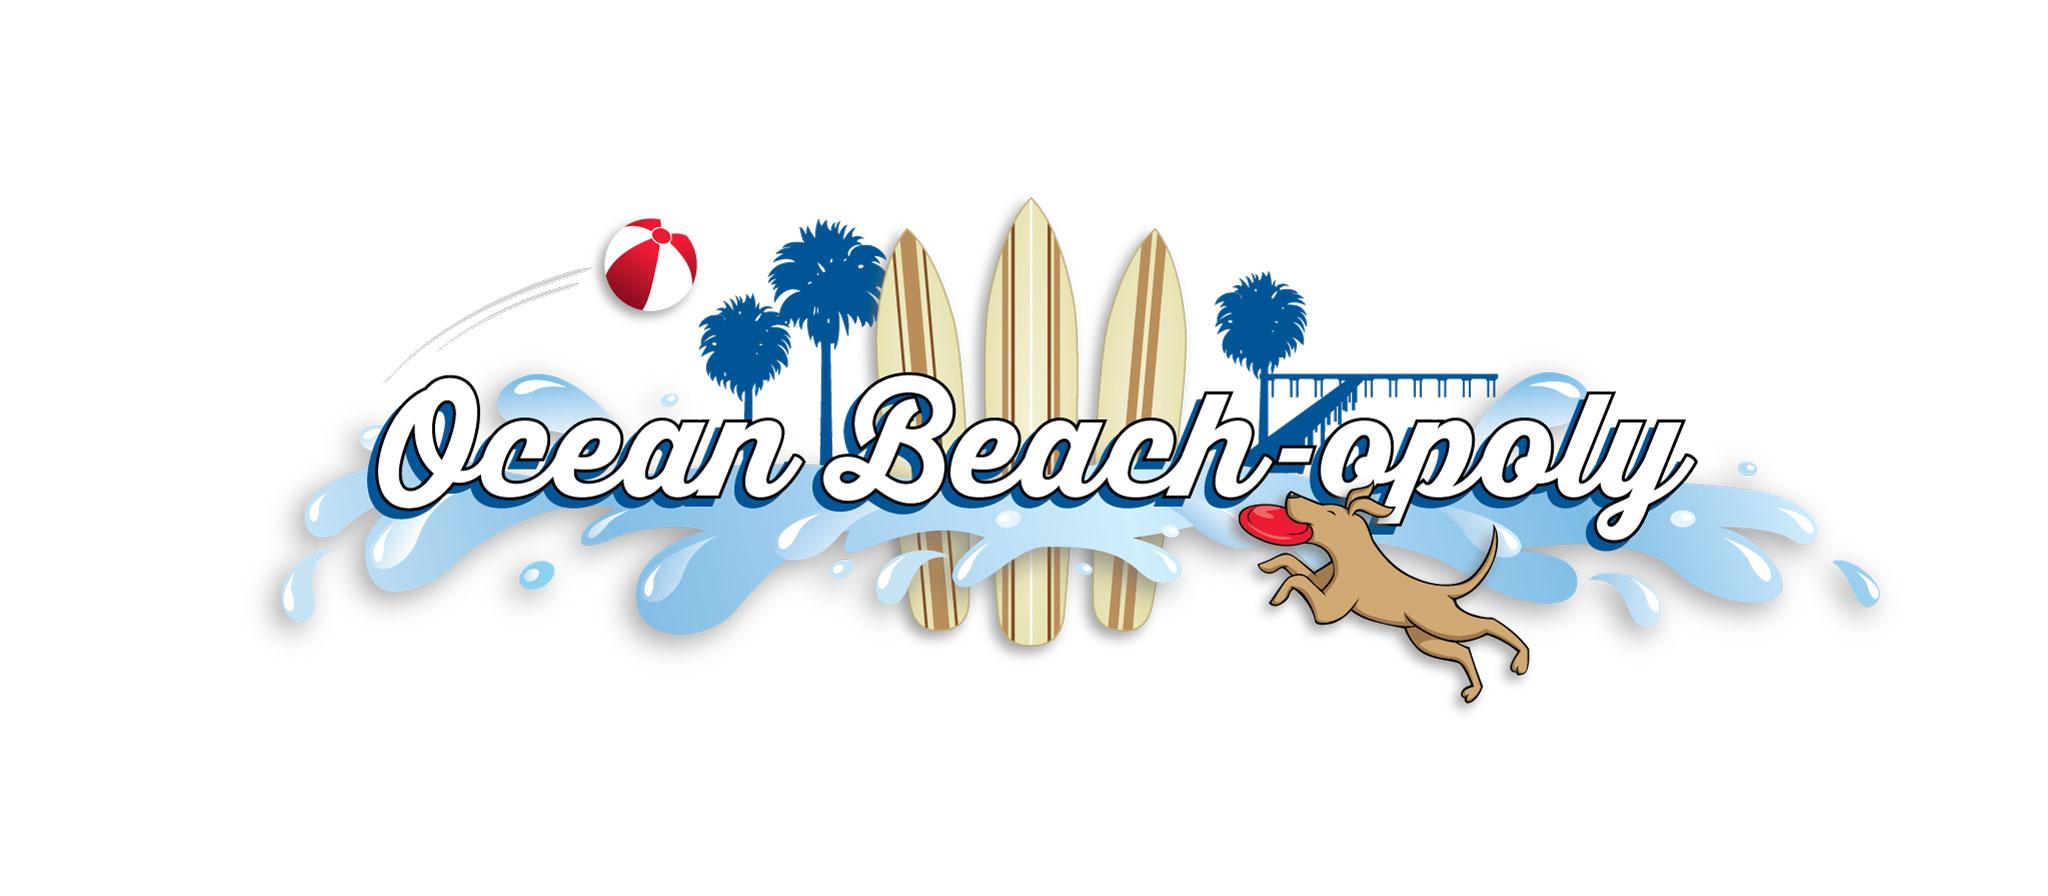 Ocean Beach-opoly logo design by Ashley Lewis